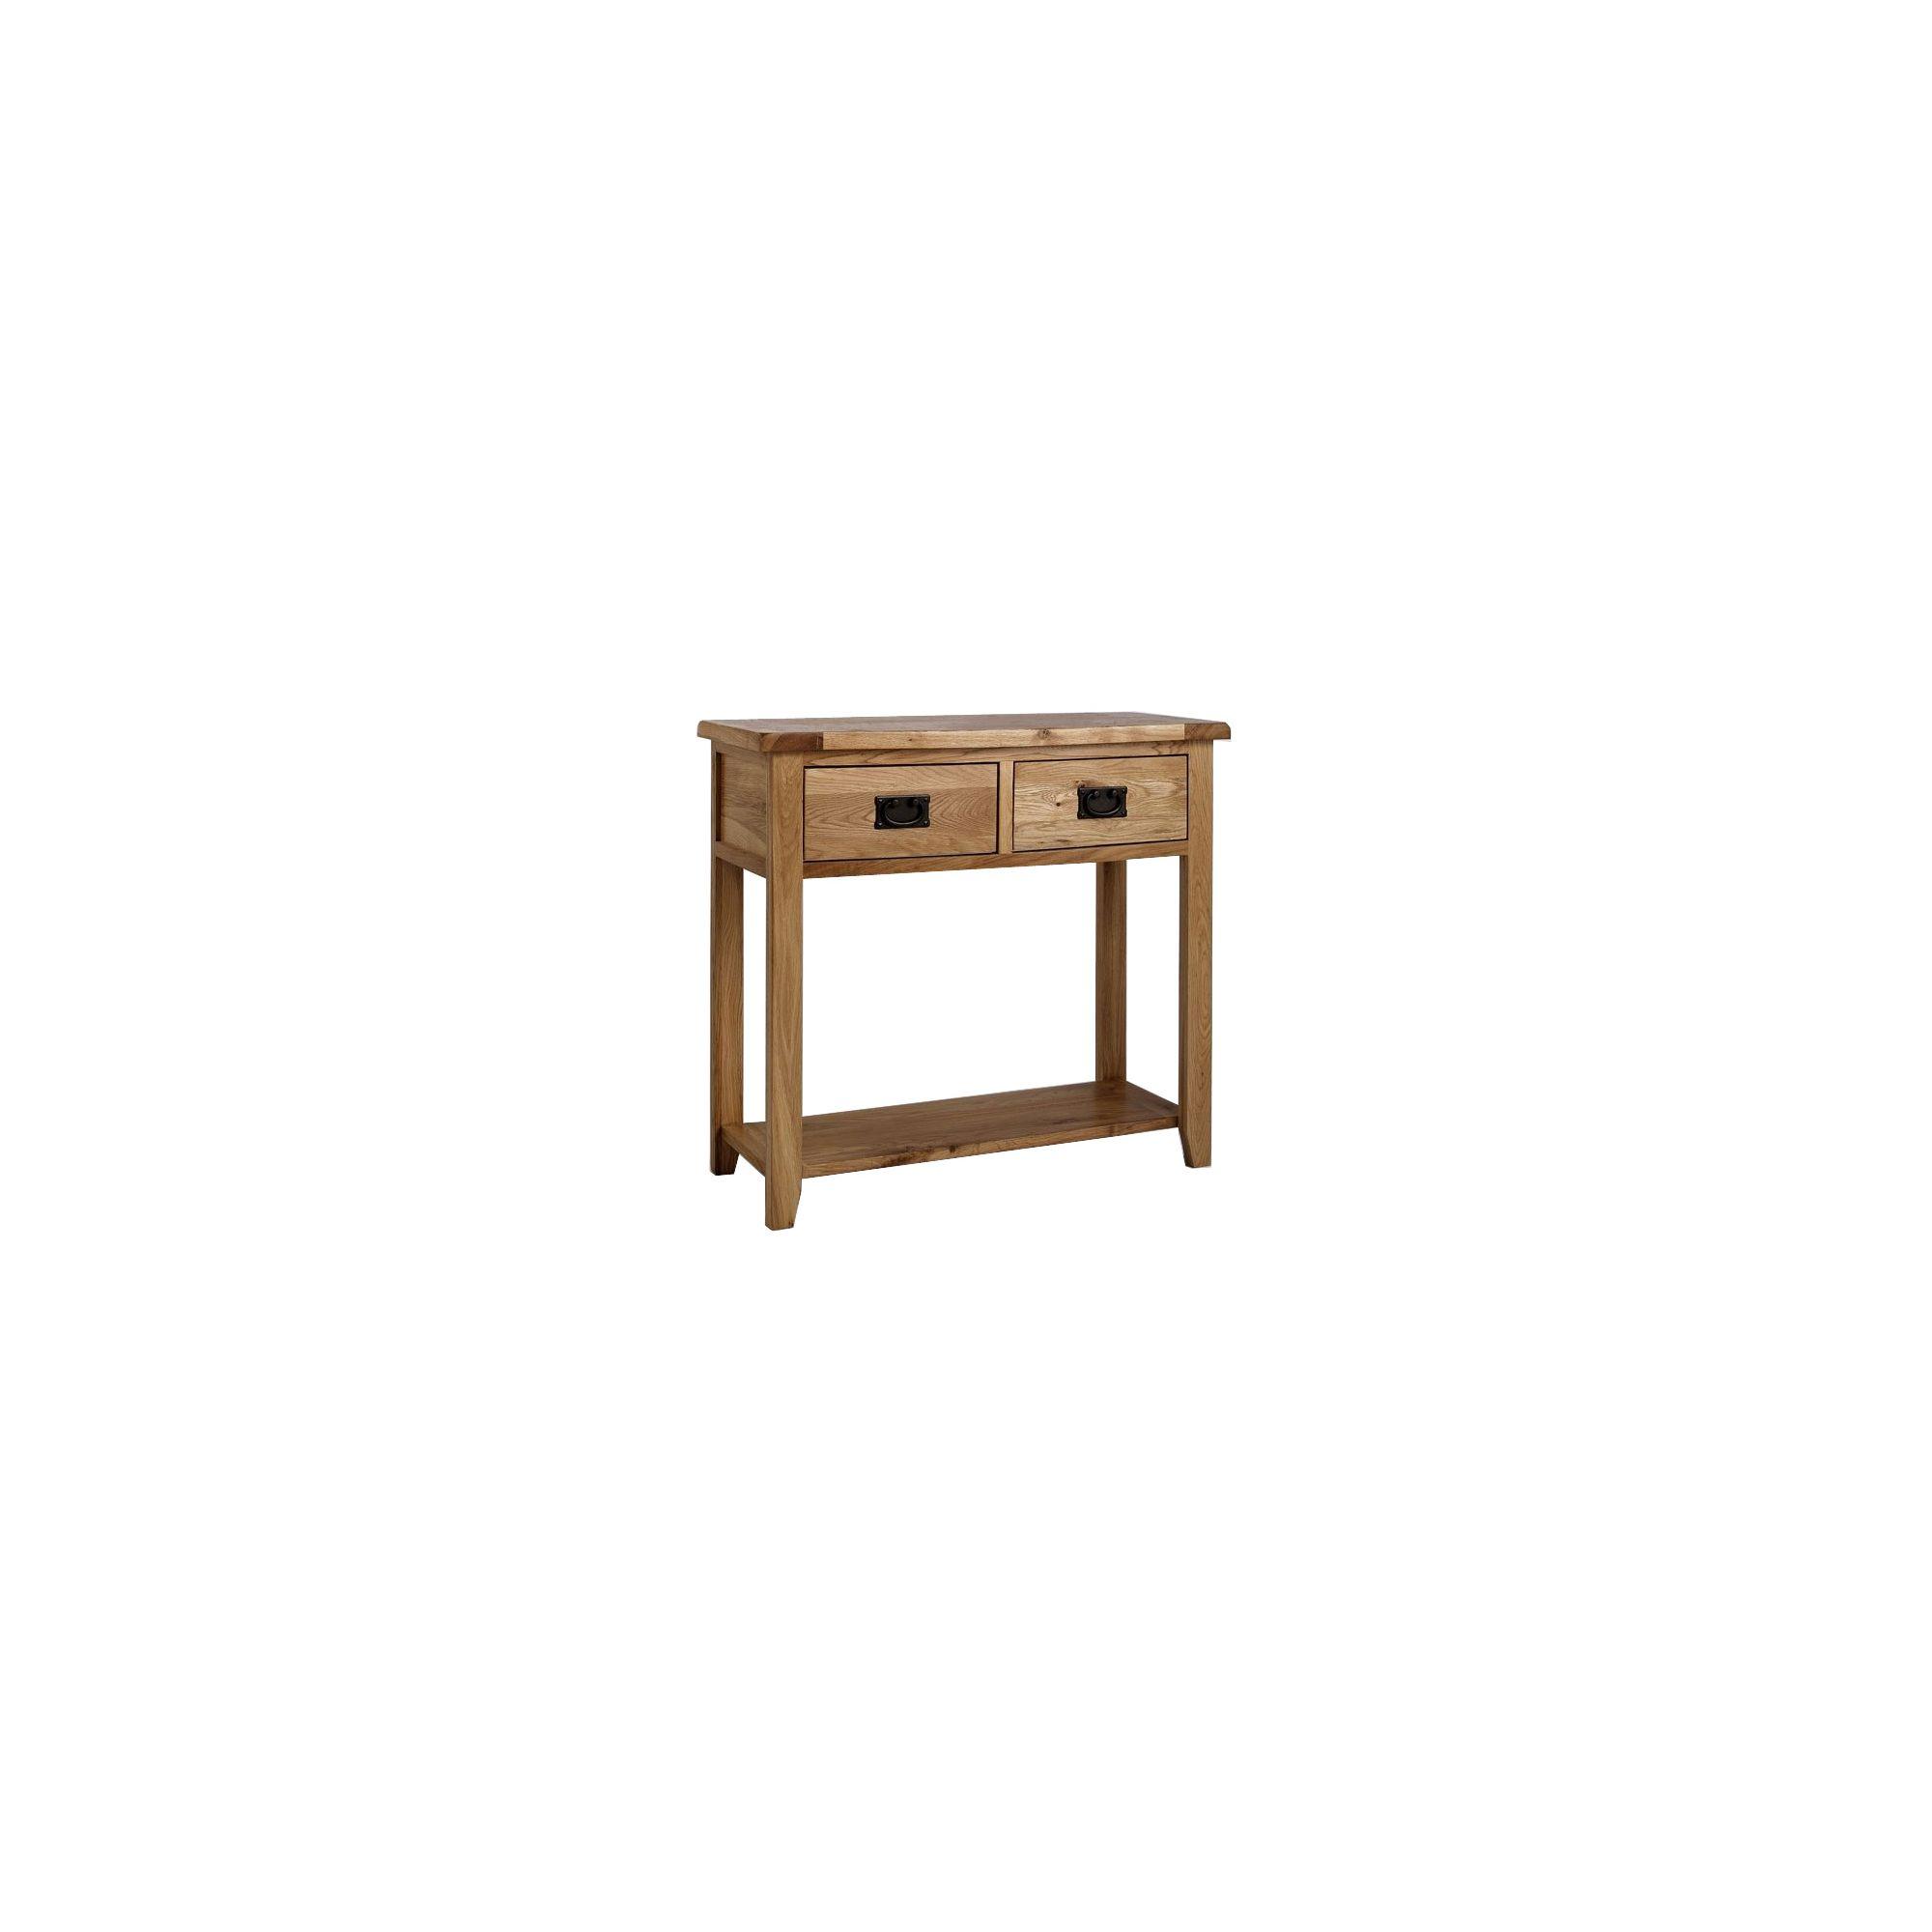 Westbury Reclaimed Oak Console Table